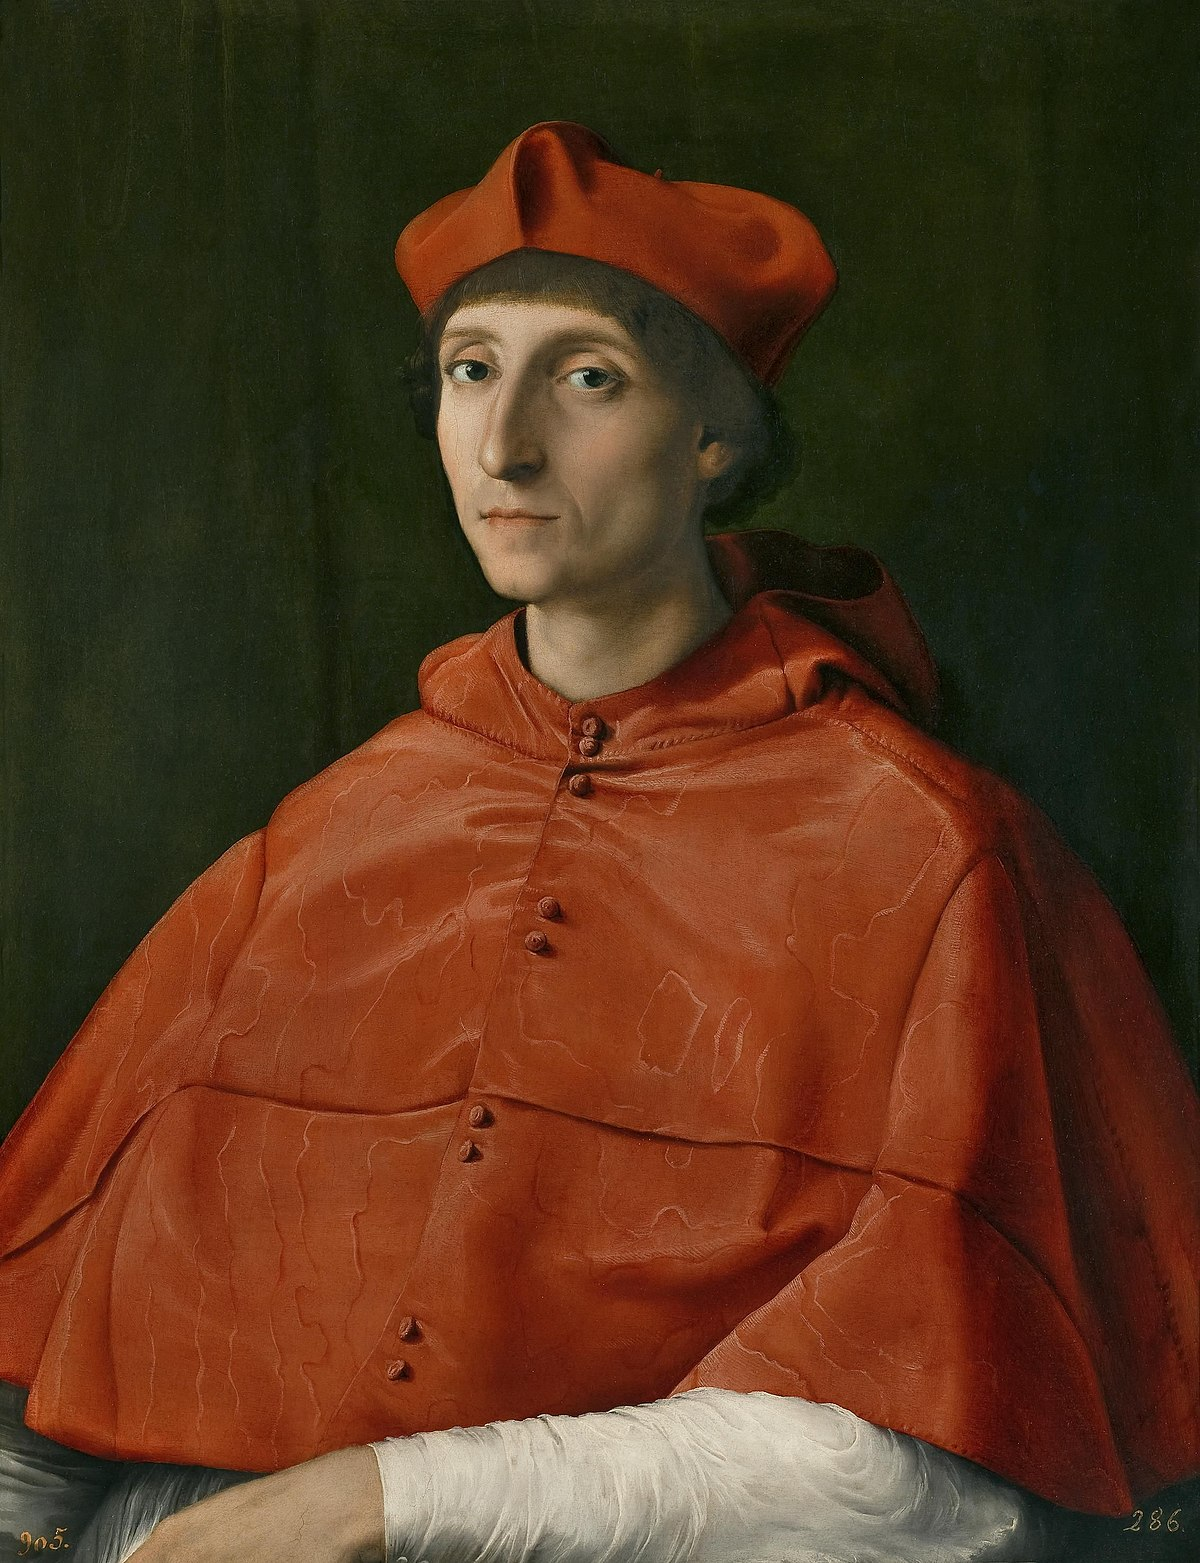 Ritratto di cardinale (Raffaello) - Wikipedia